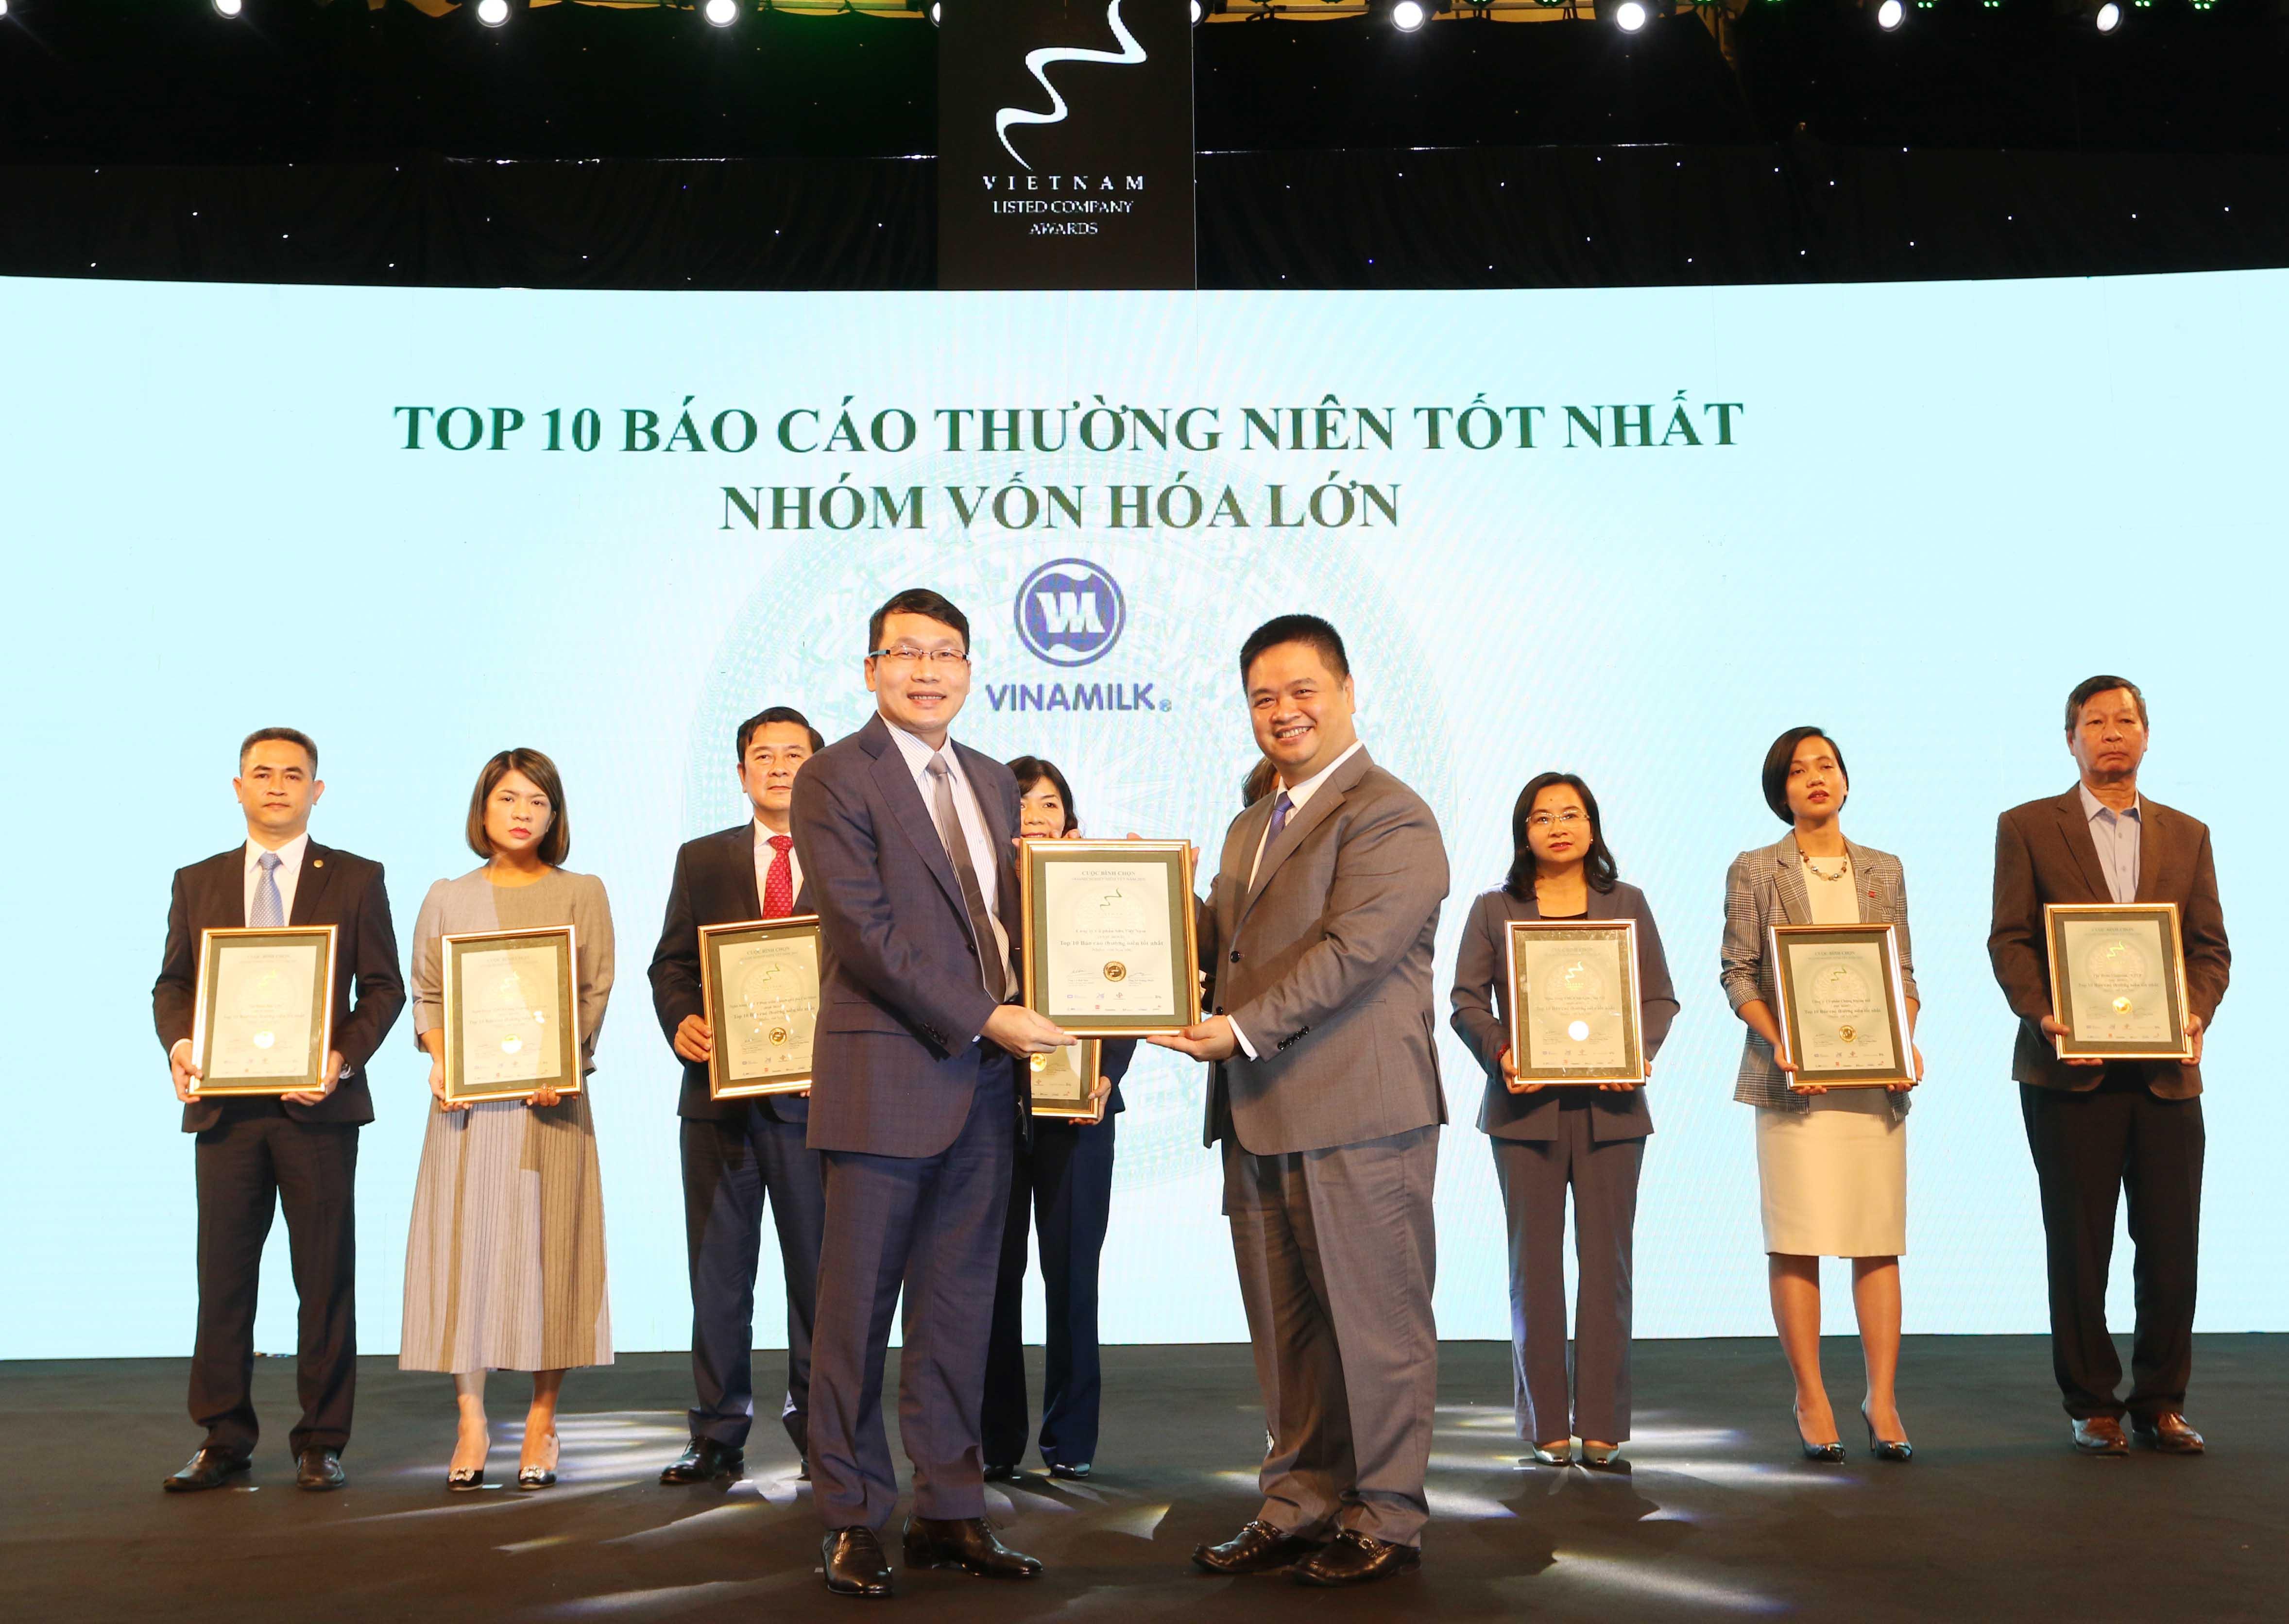 https://www.aravietnam.vn/wp-content/uploads/2020/12/35_Dại-diện-Vinamilk-nhận-TOP-10-DNNY-nhóm-vốn-hóa-lớn-có-BCTN-tốt-nhất.jpg